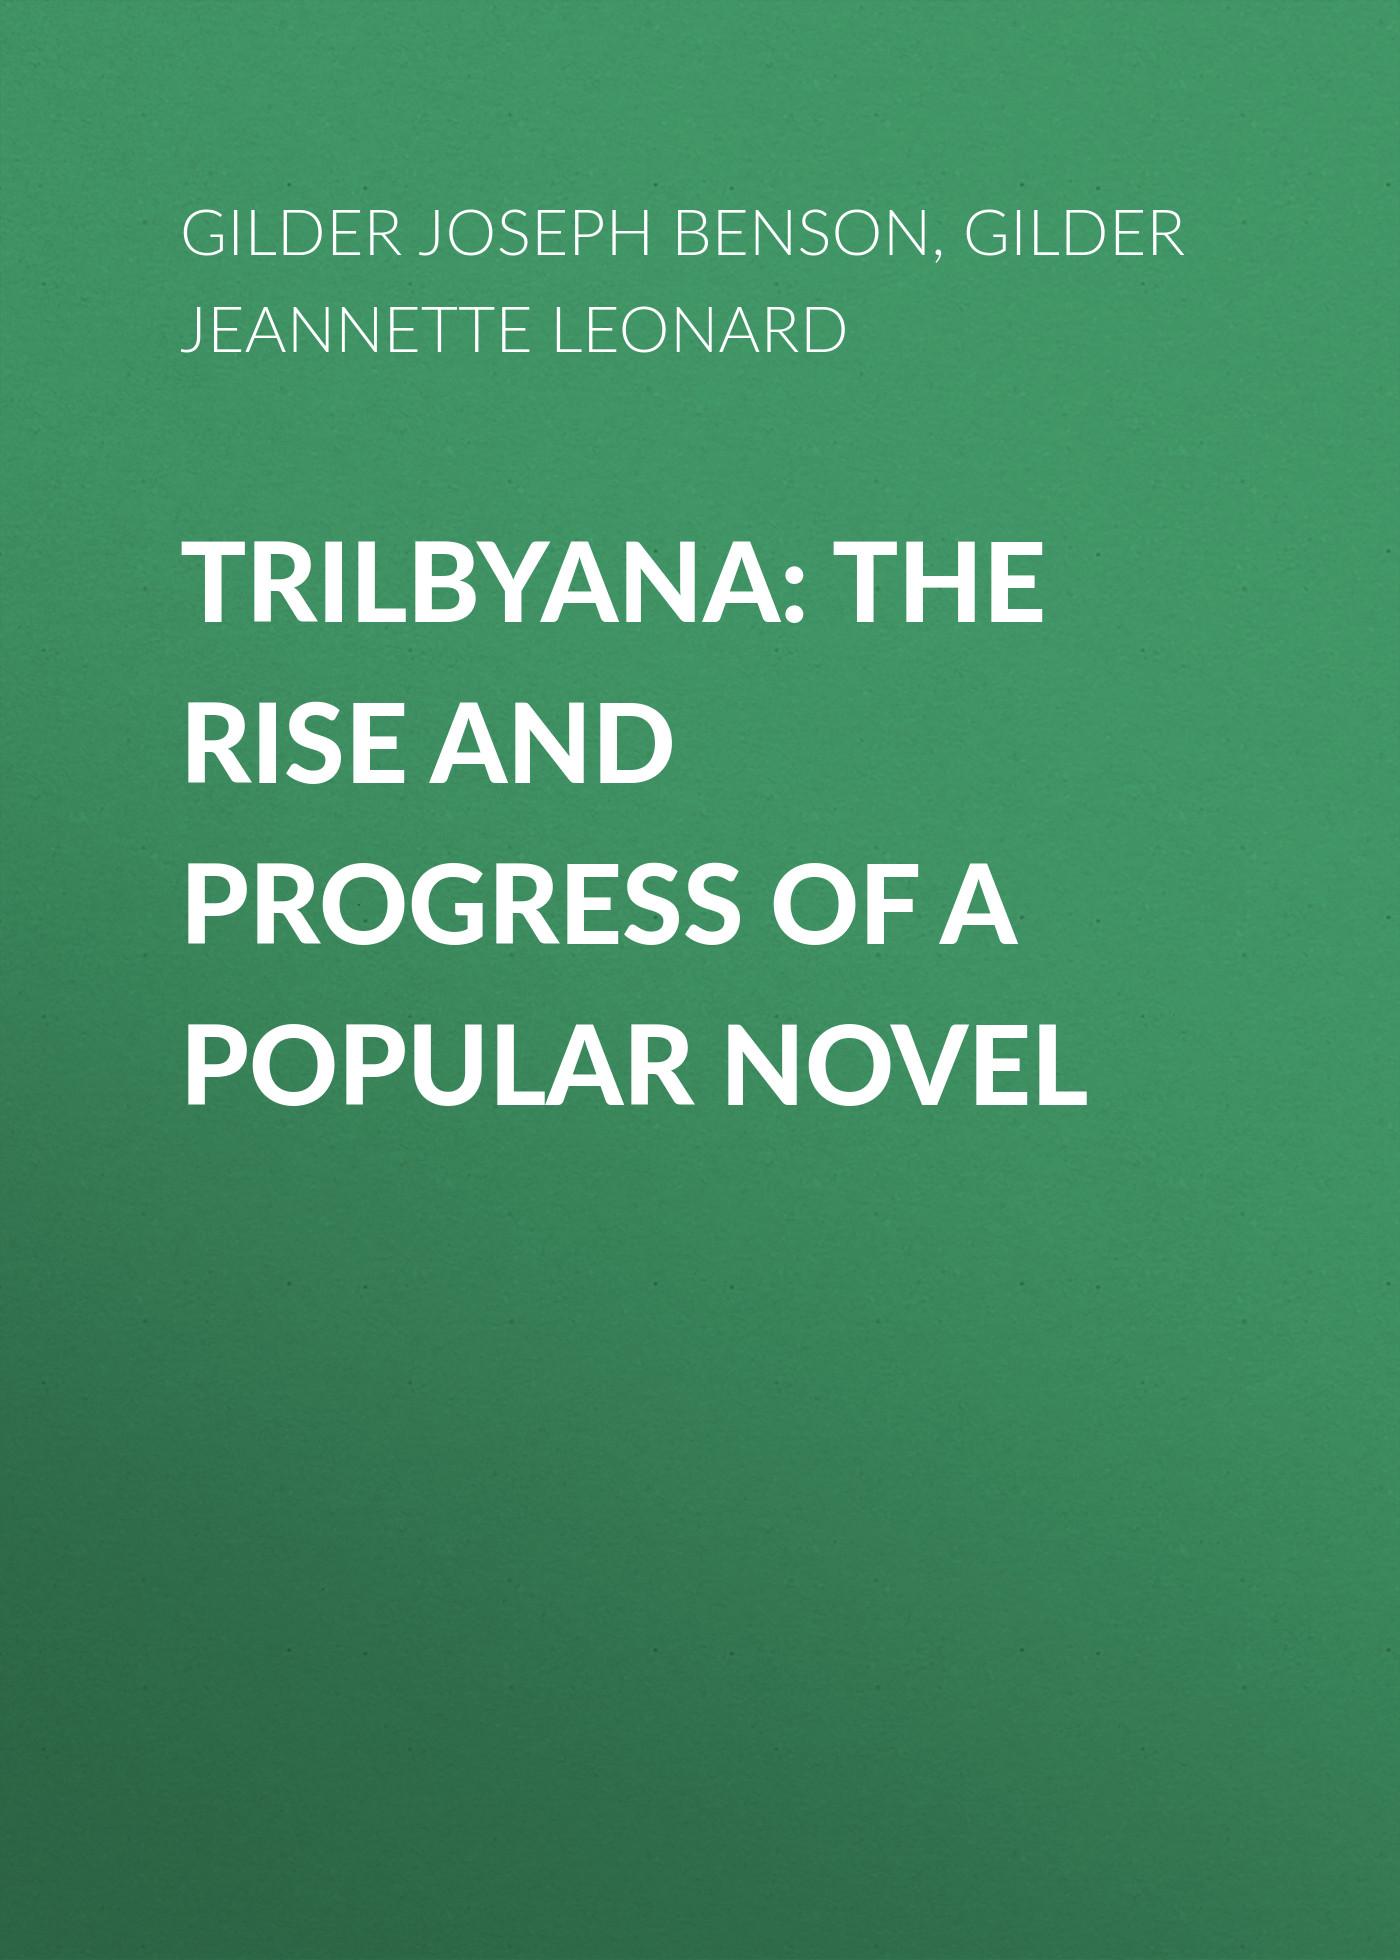 Gilder Jeannette Leonard Trilbyana: The Rise and Progress of a Popular Novel